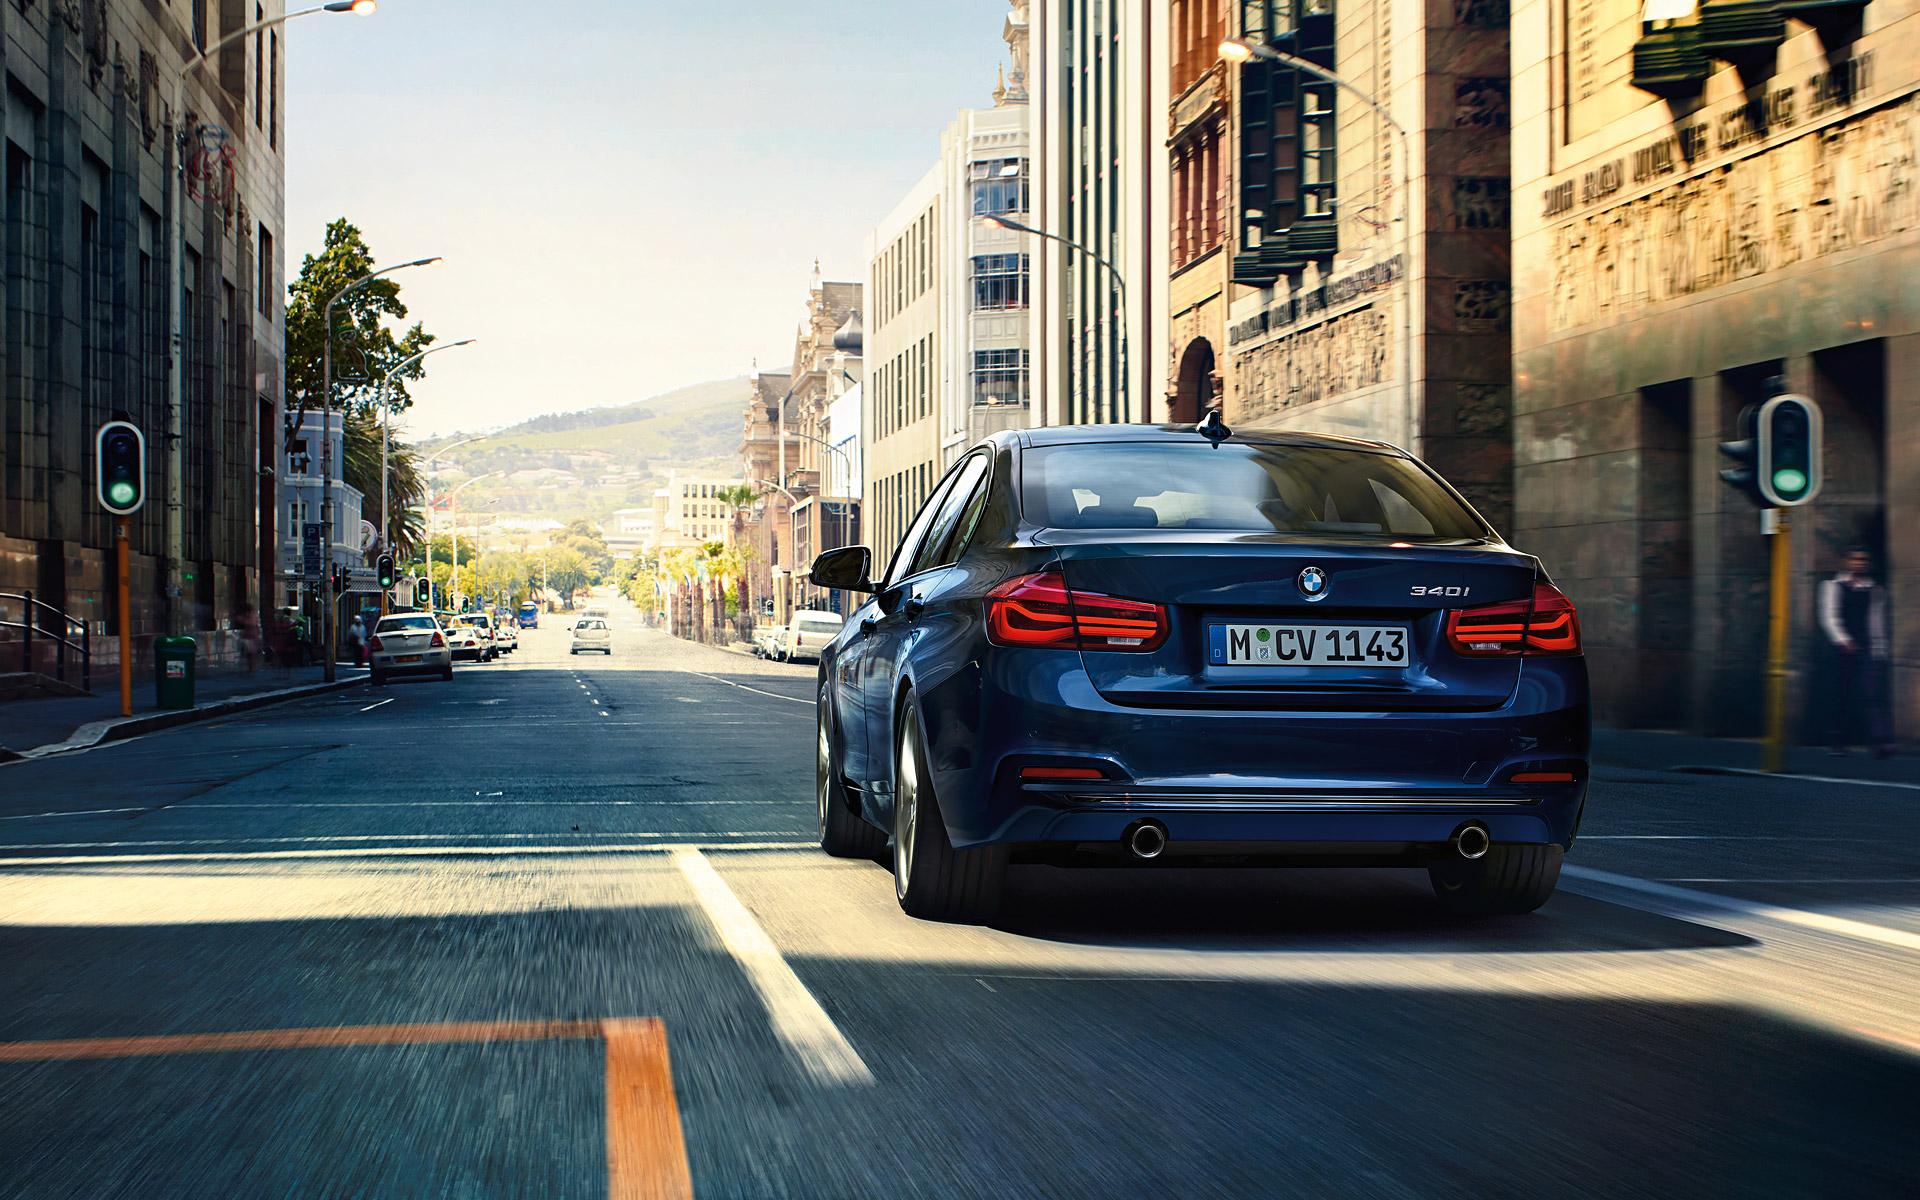 3-series-sedan-wallpaper-1920x1200-04.jpg.resource.1428663579112.jpg